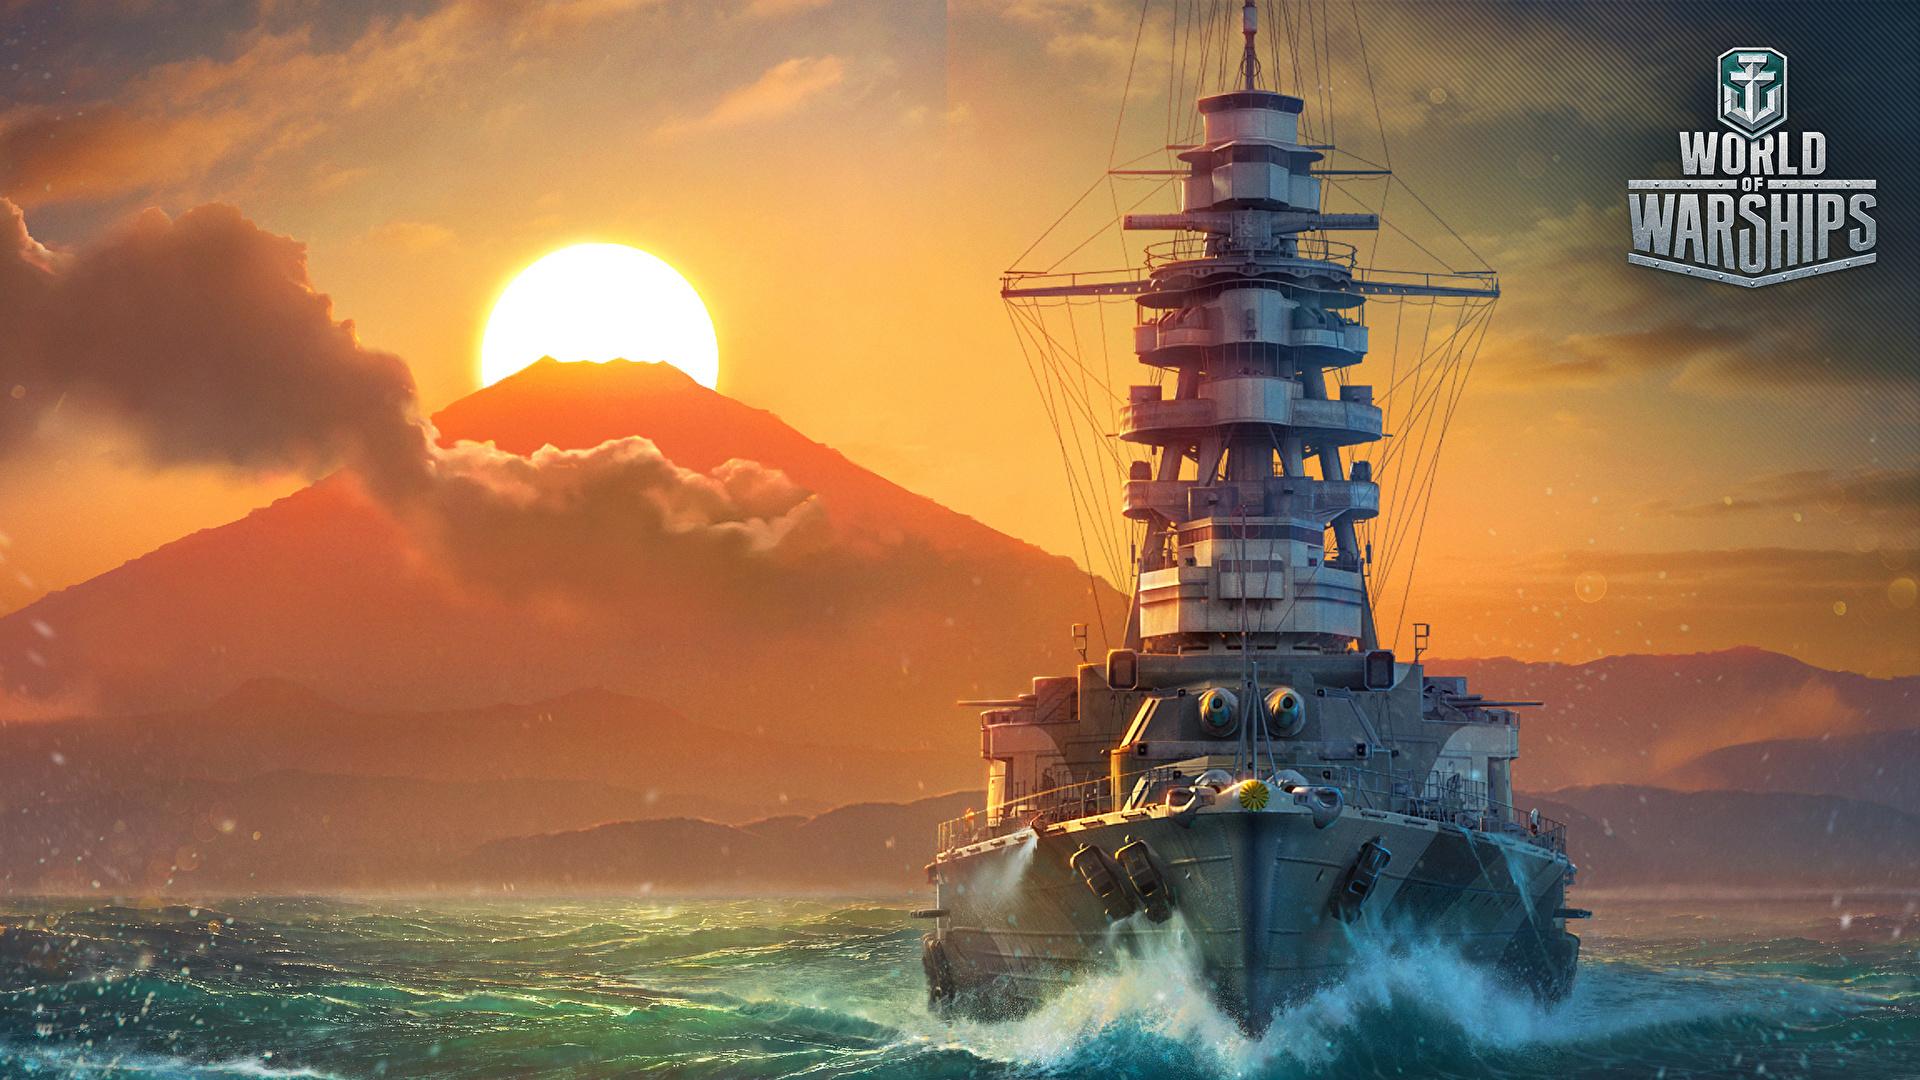 Fotos von World Of Warship Japanisch Mutsu Sonne Spiele Schiffe Sonnenaufgänge und Sonnenuntergänge Heer 1920x1080